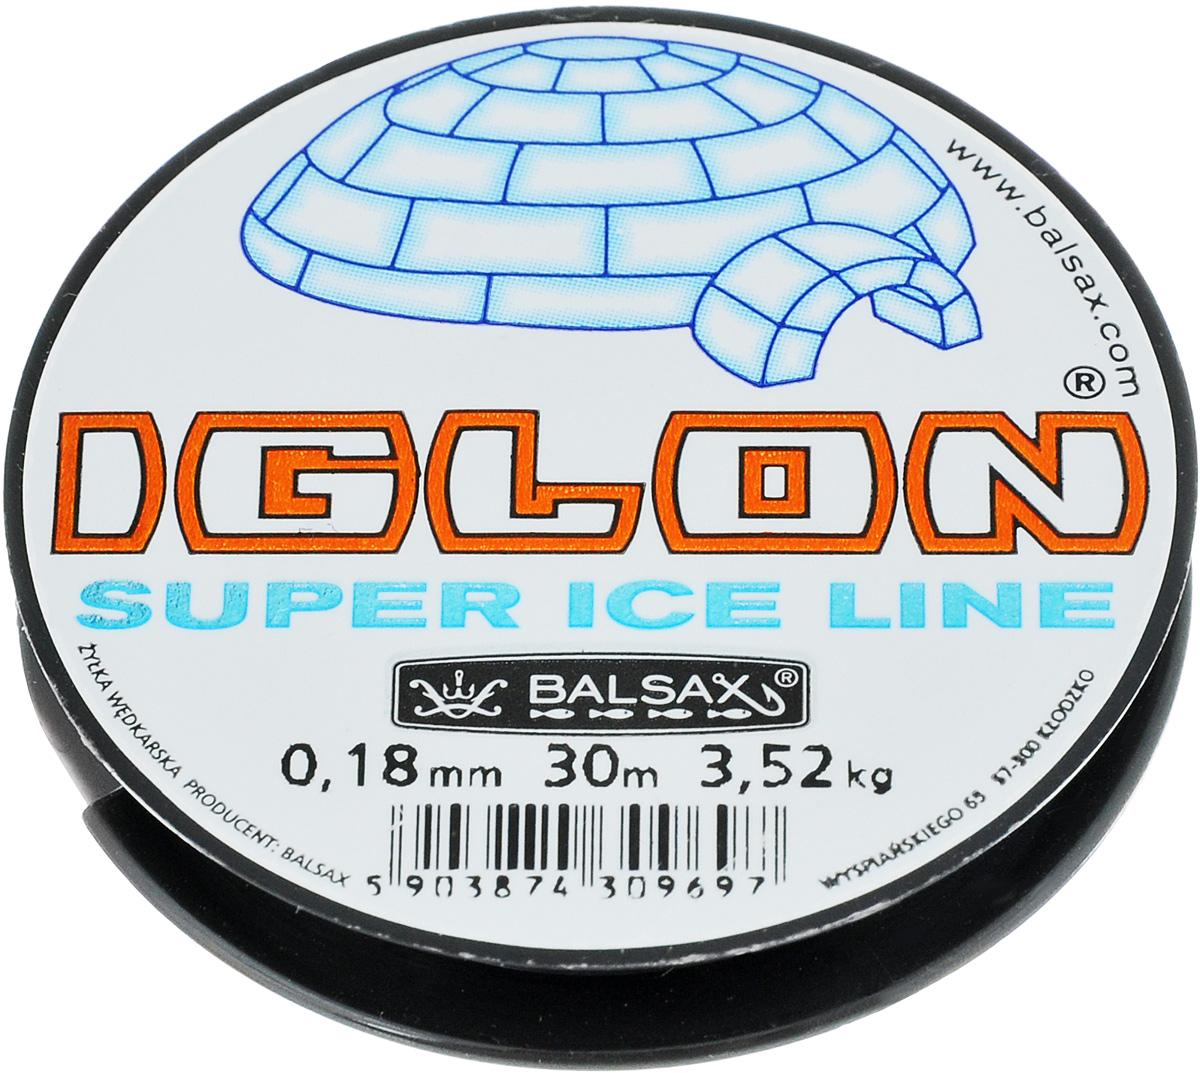 Леска зимняя Balsax Iglon, 30 м, 0,18 мм, 3,52 кг312-06018Леска зимняя Balsax Iglon изготовлена из 100% нейлона и очень хорошо выдерживаетнизкие температуры. Поверхность лески обработана таким образом, что она не обмерзает и отличноподходит для подледного лова. Прочна вместах вязки узлов даже при минимальном диаметре.